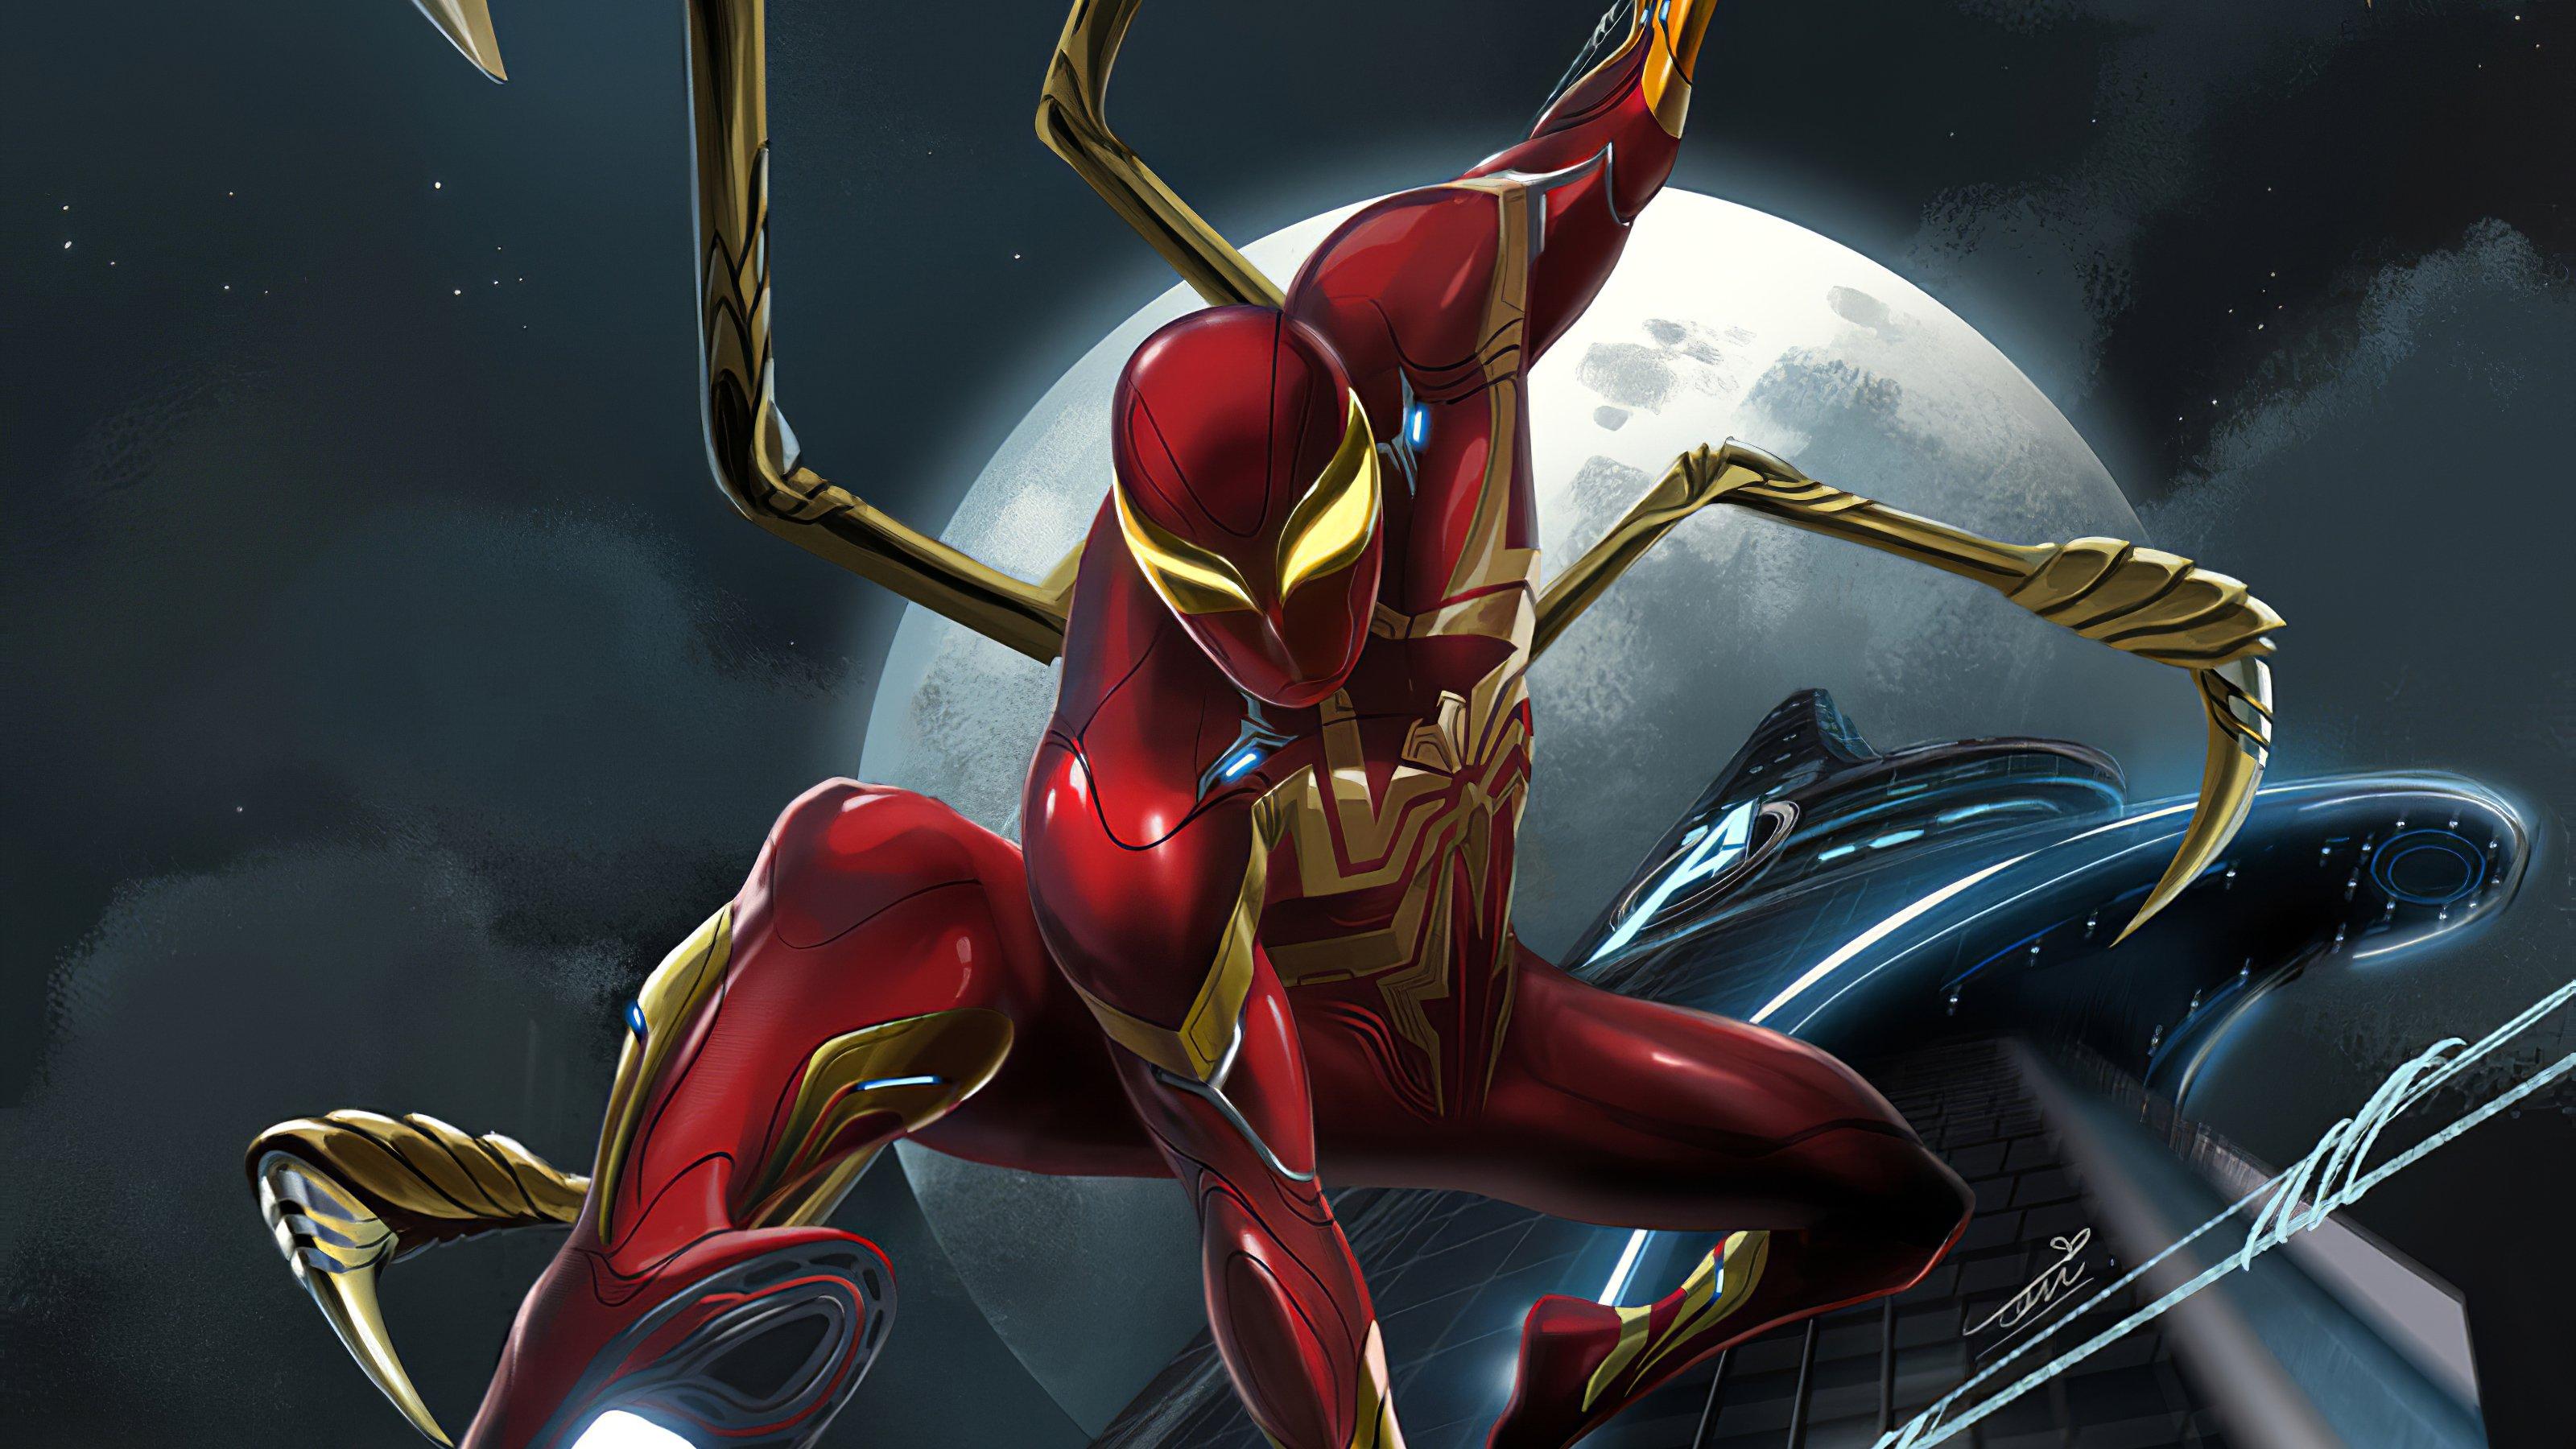 Fondos de pantalla Hombre araña de hierro